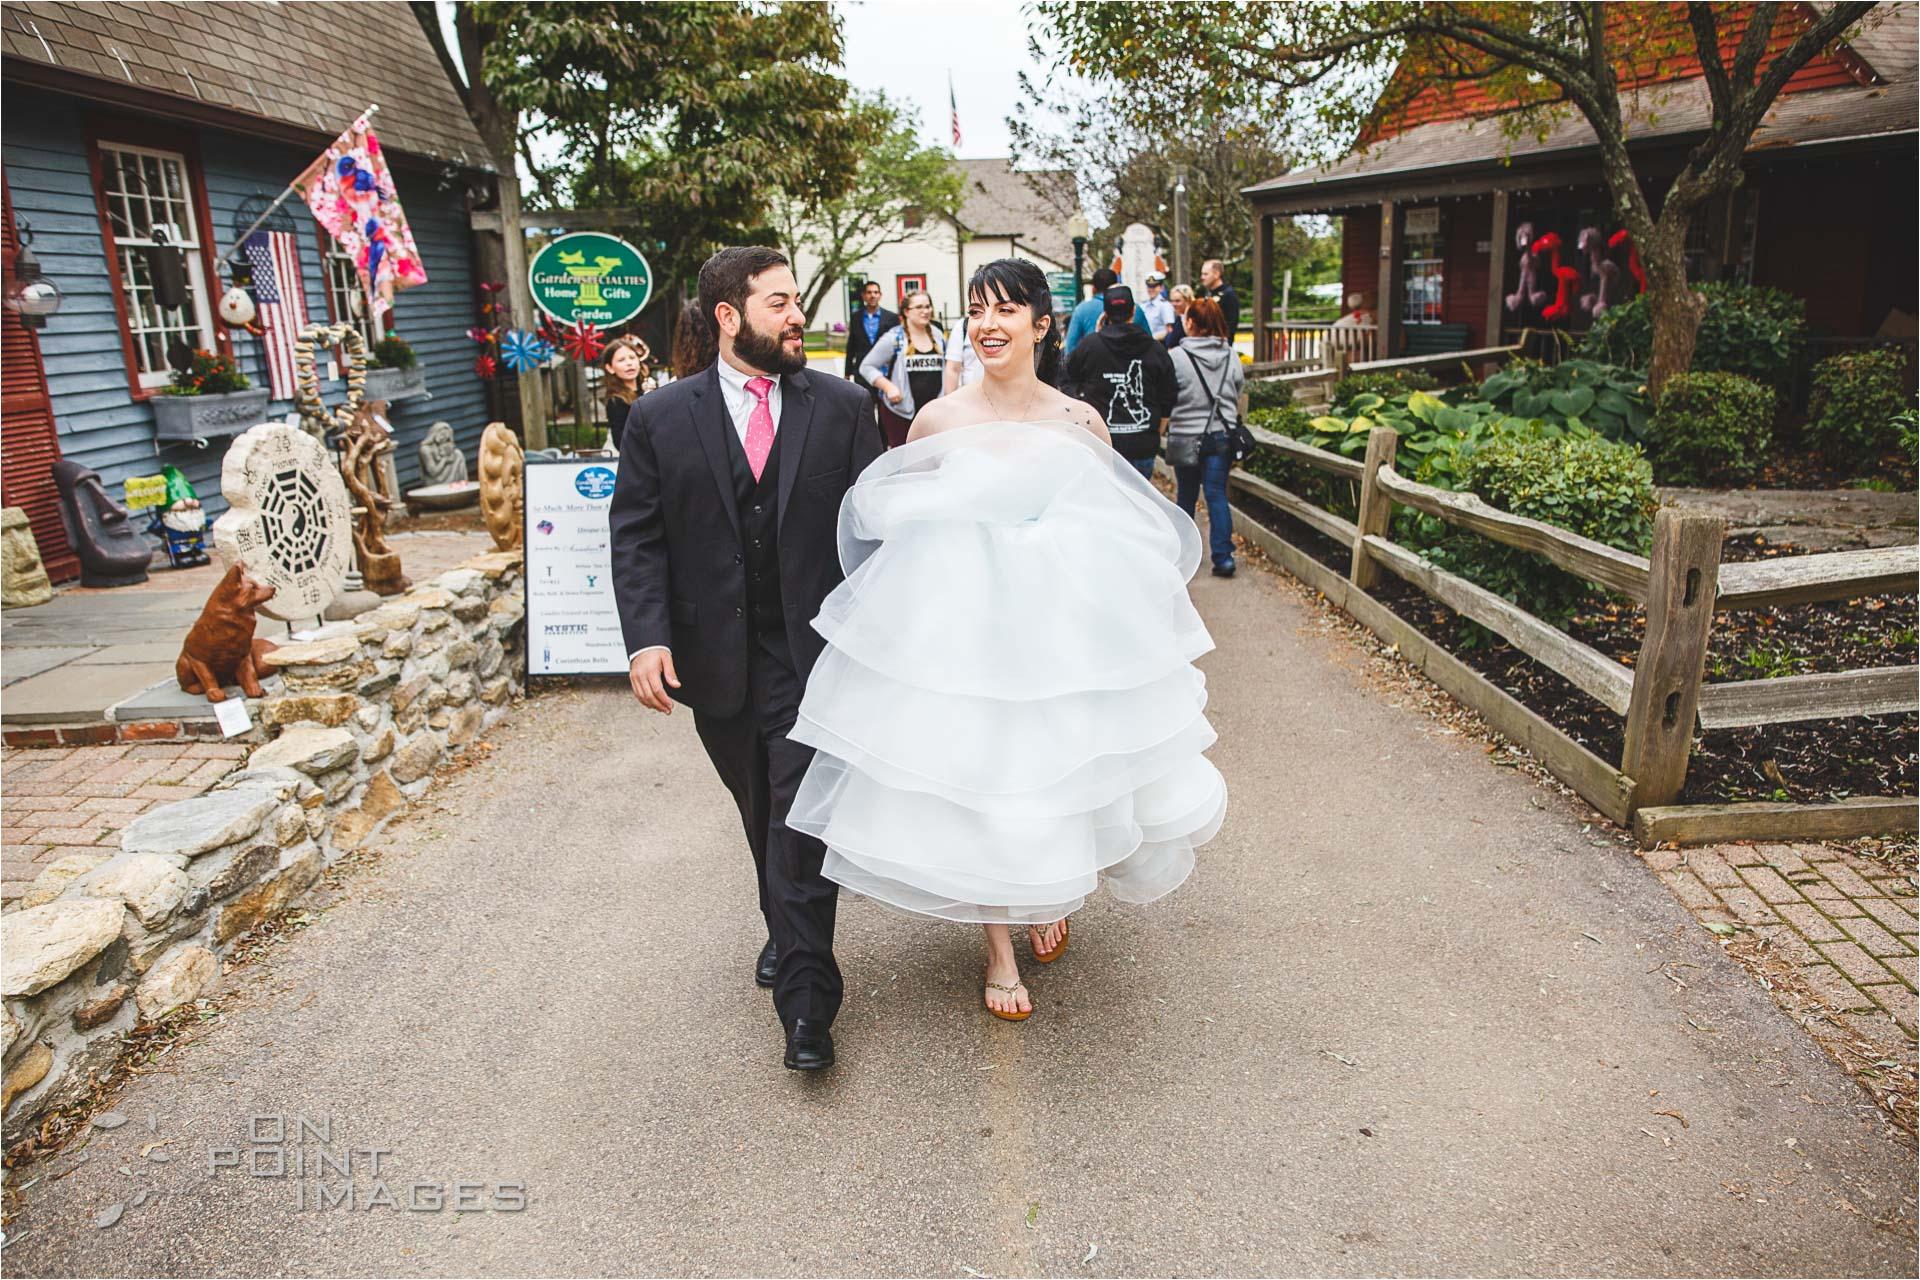 mystic-aquarium-wedding-photographs-08.jpg